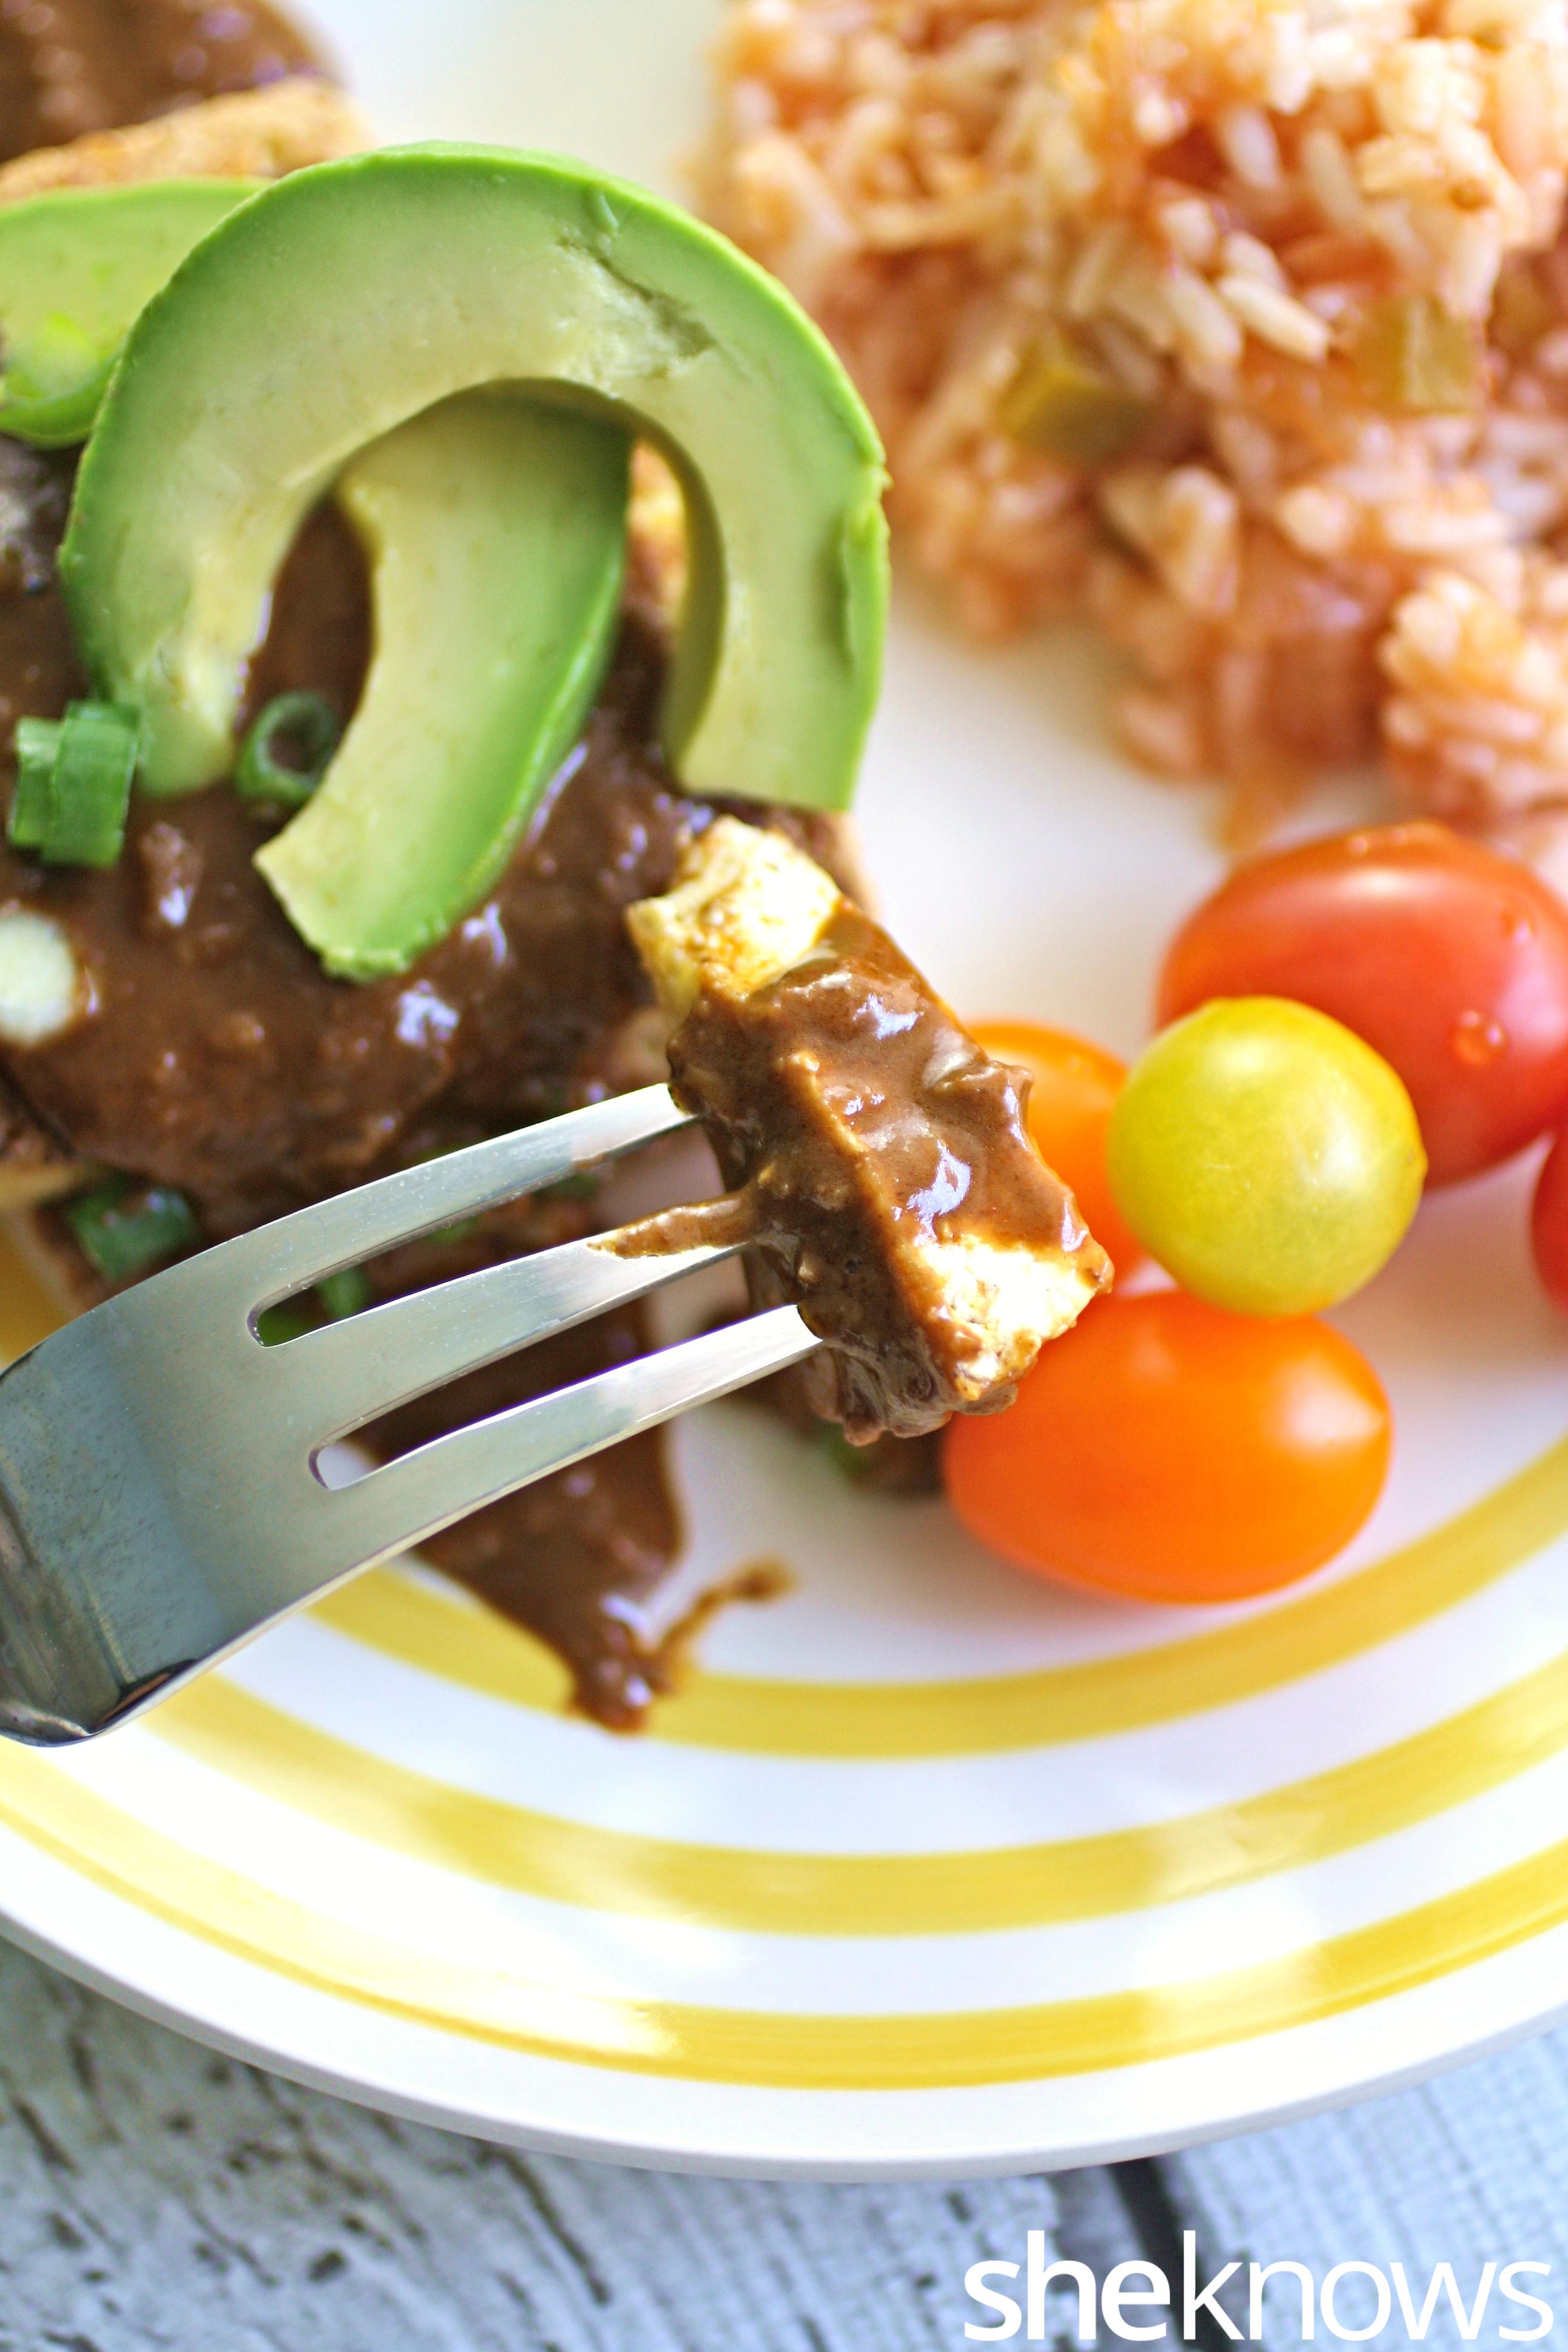 forkful-seared-tofu-mole-sauce